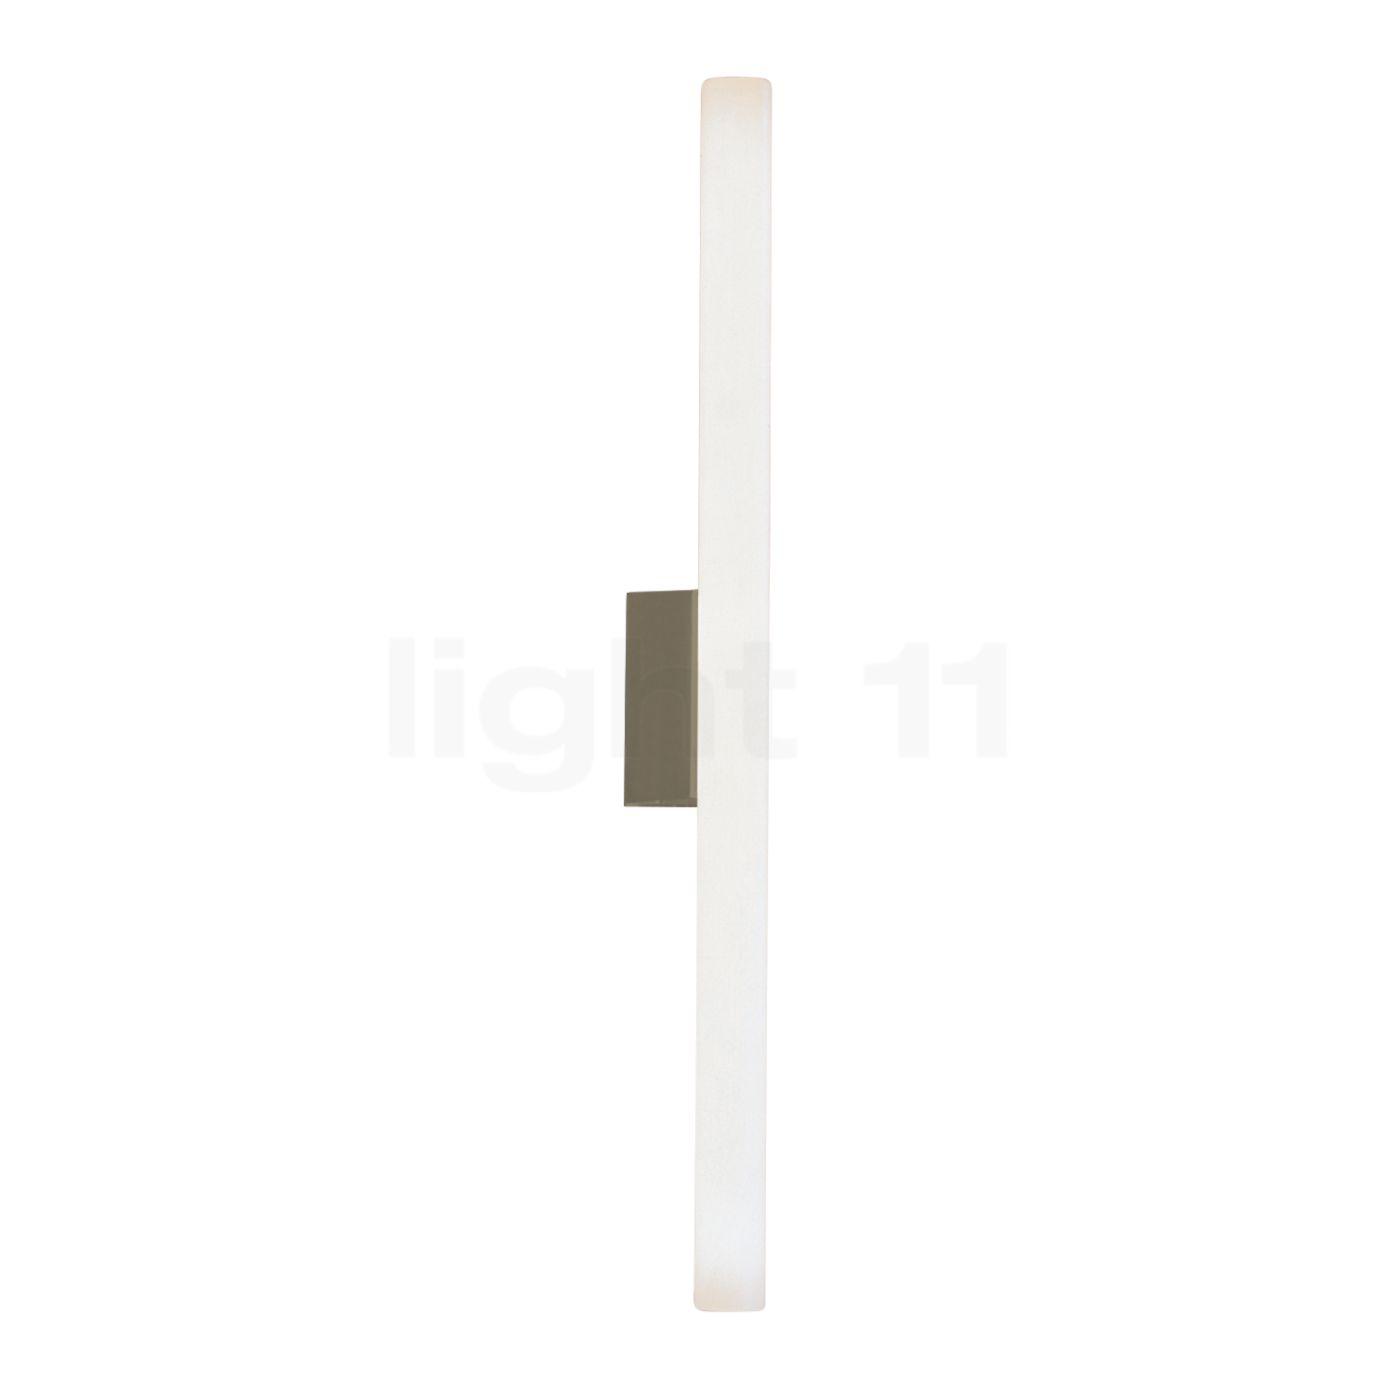 Top Light Lichtstange Klemmbefestigung ohne Leuchtmittel, Nickel matt 2-0319